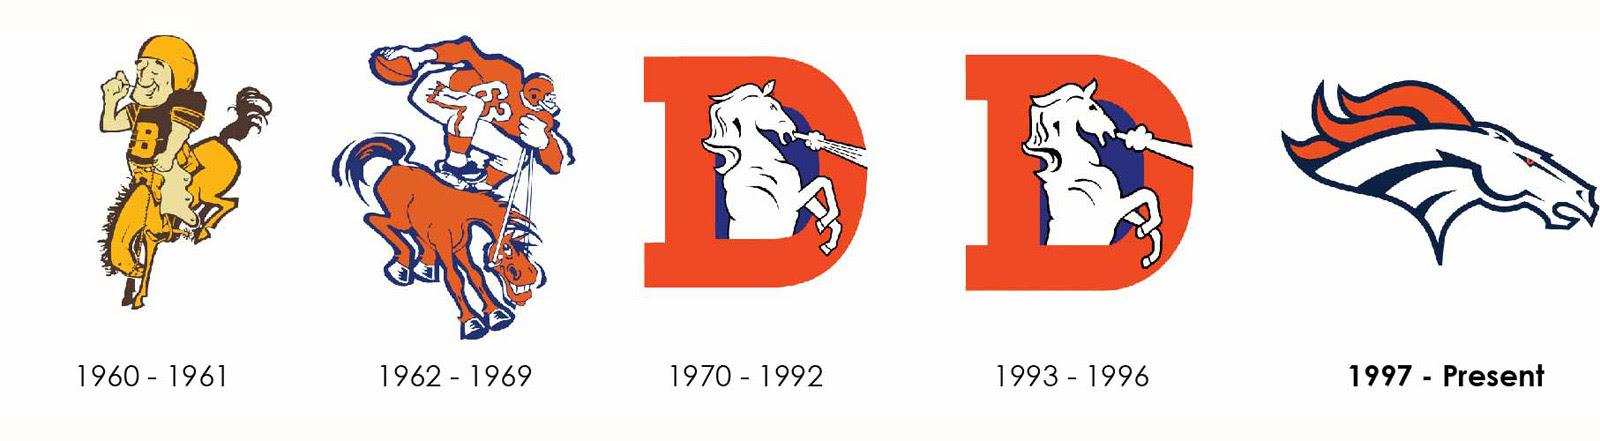 Denver Broncos Logo A Beginnerguide To The Denver Broncos Part 2